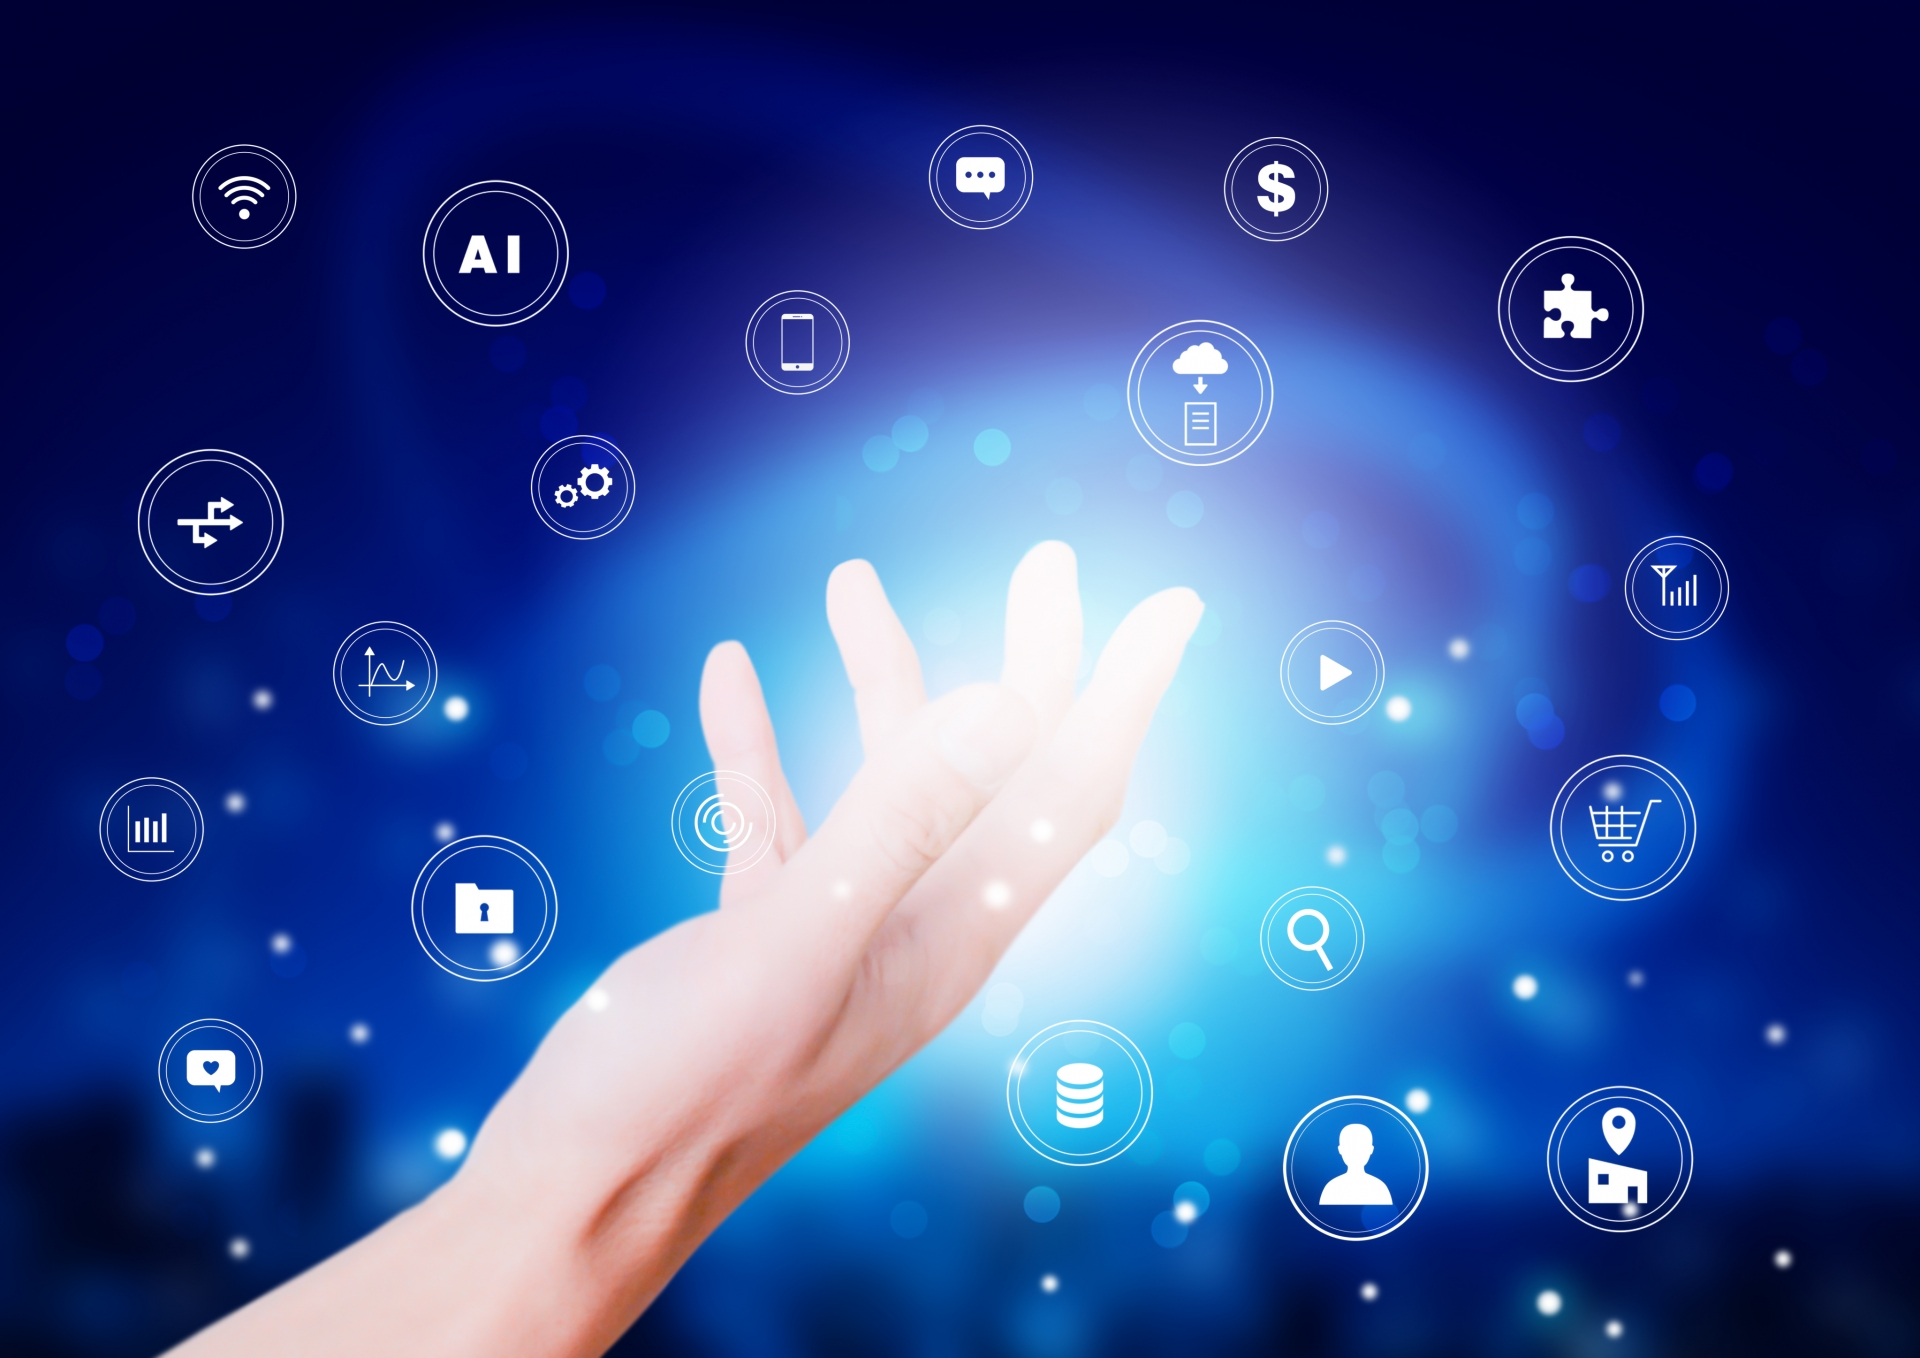 株式会社東洋のオススメ技術 - IoT技術